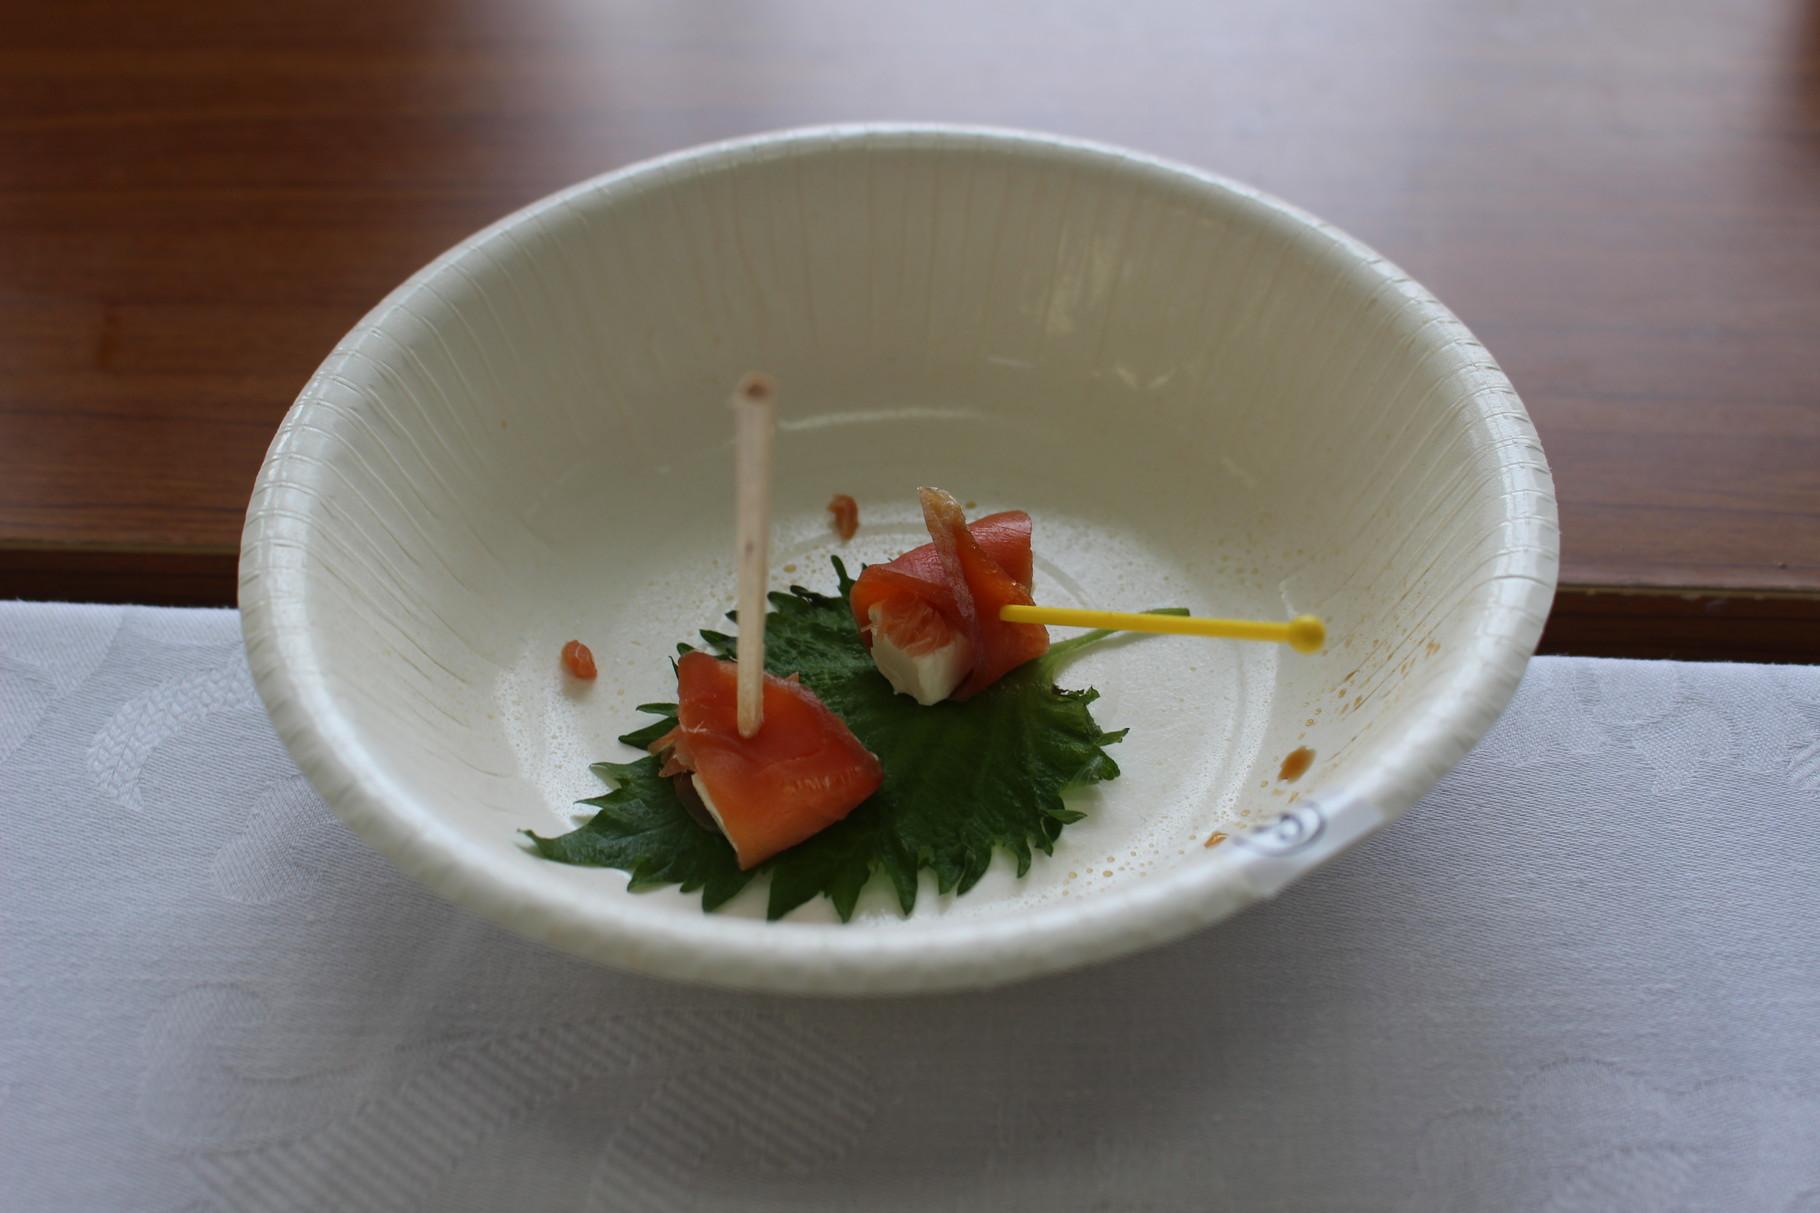 リハ大作業療法を学ぶ者たち作品名:安心してください、鮭の生ハム巻いてますよ!